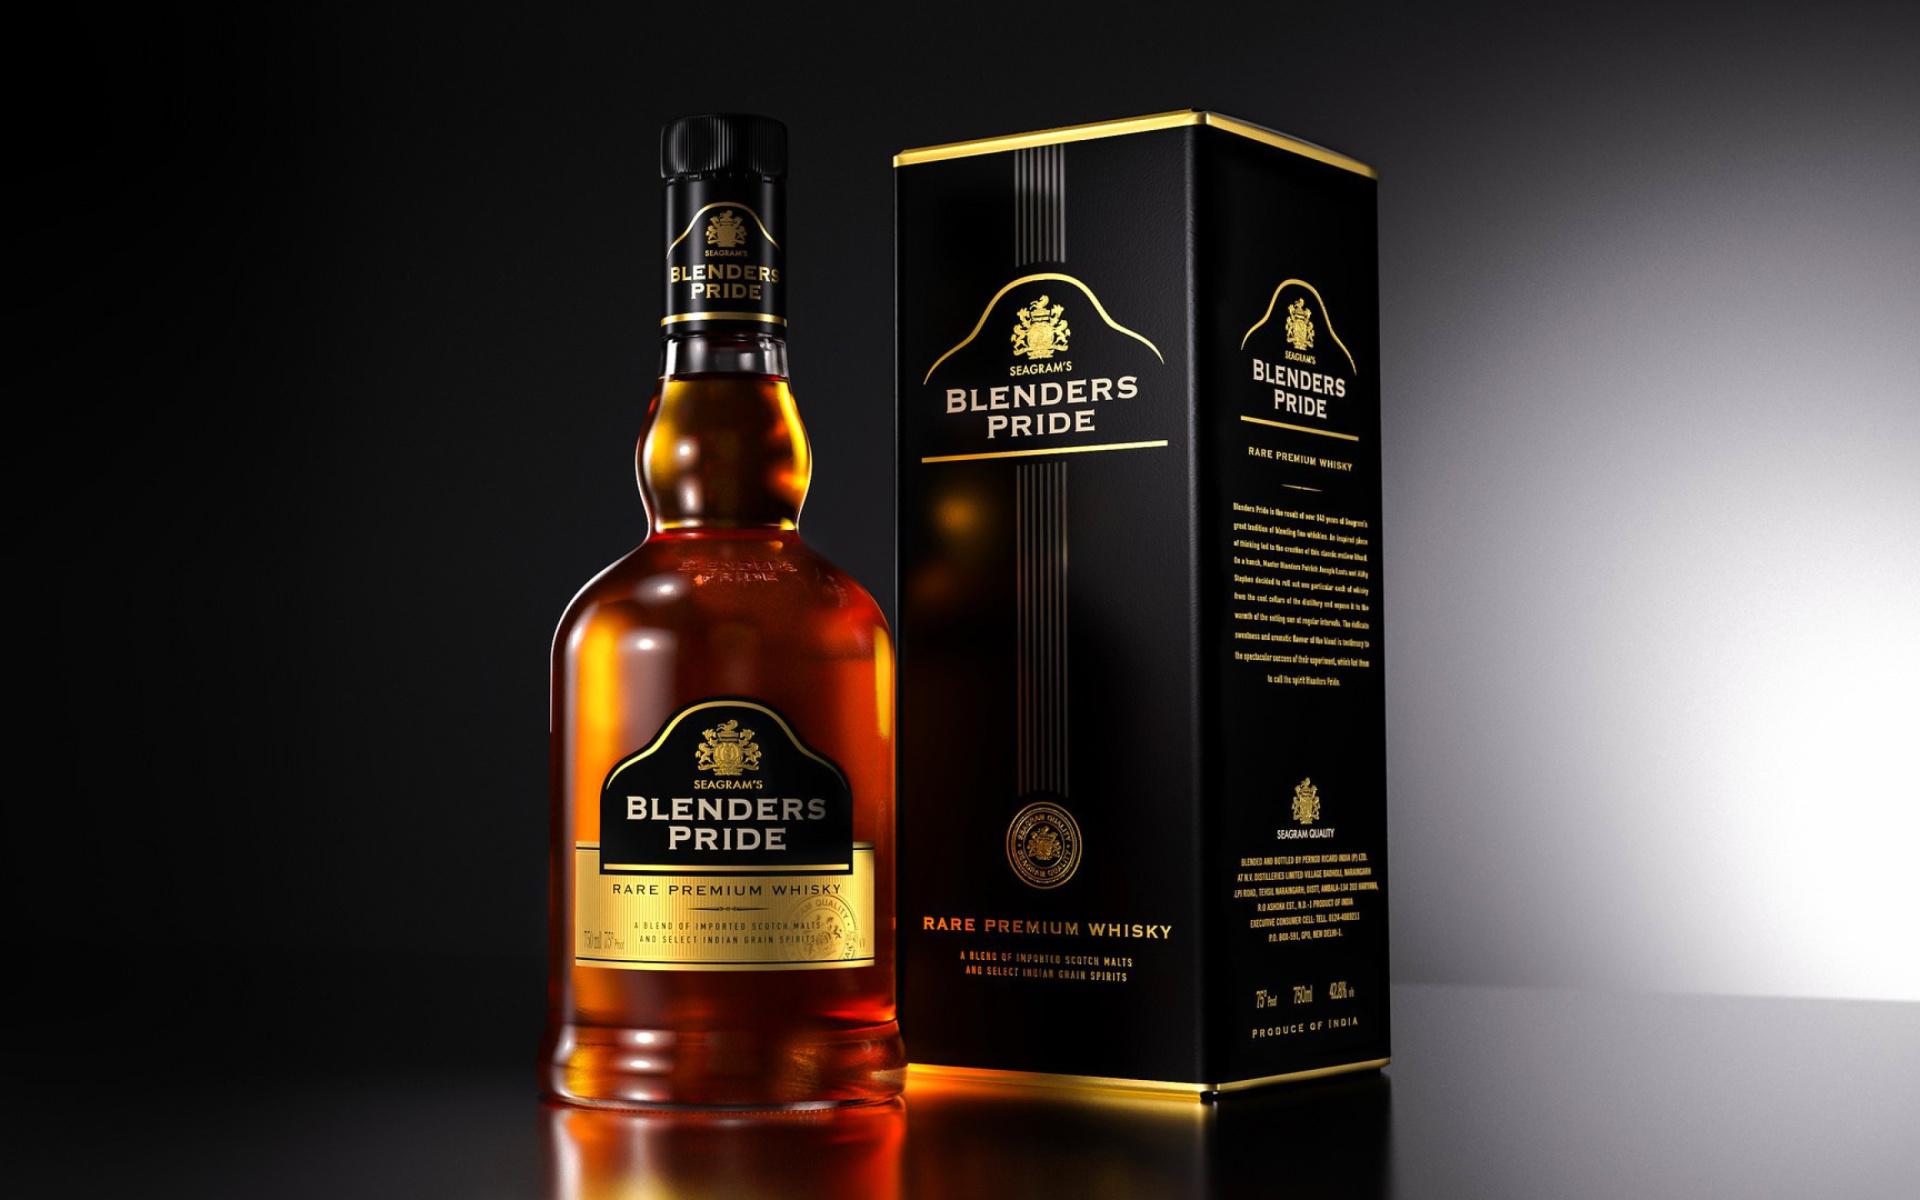 blenders pride whisky fondos de pantalla gratis para